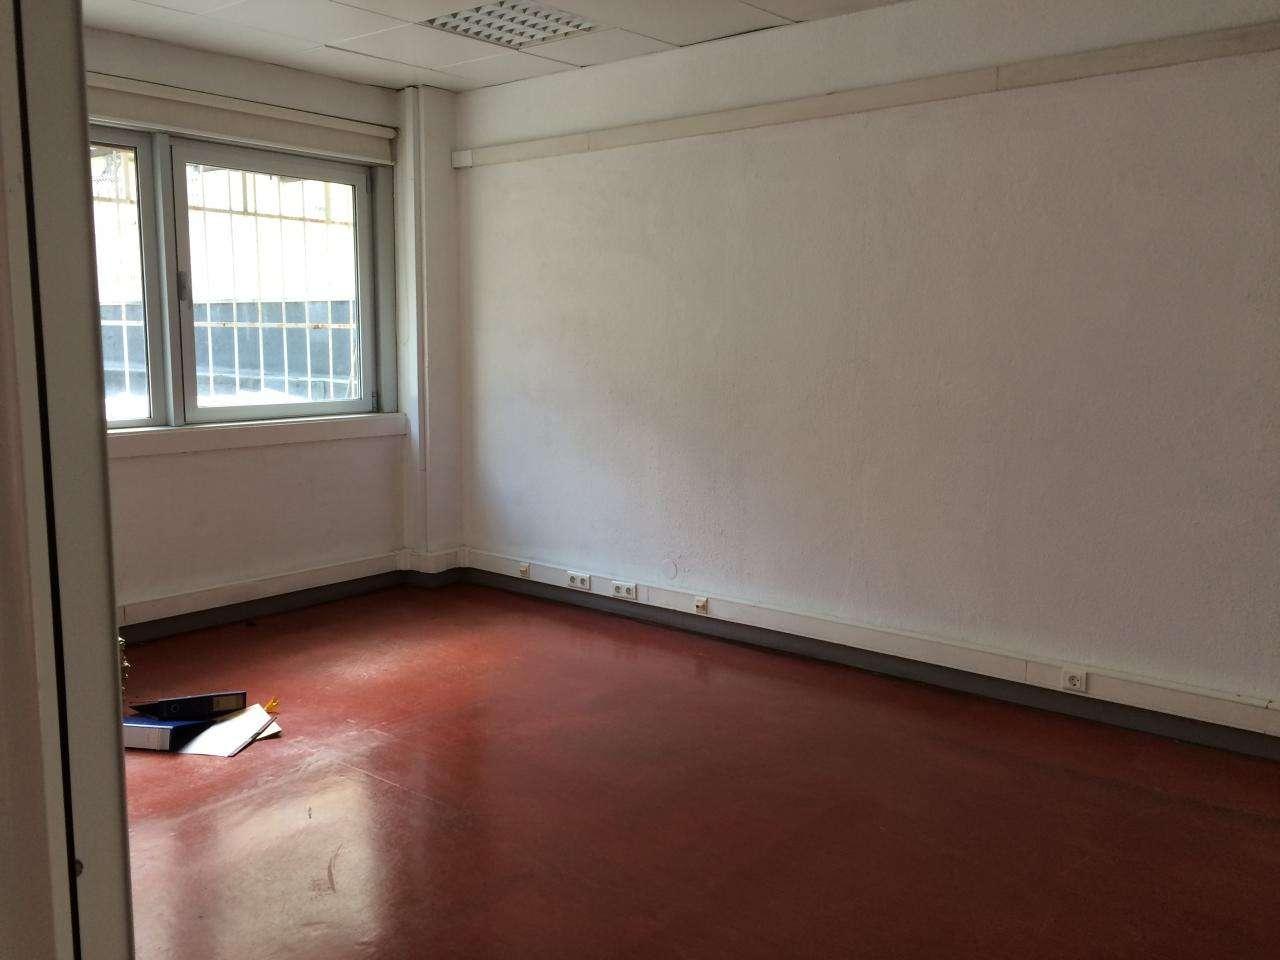 Escritório para arrendar, Avenidas Novas, Lisboa - Foto 3